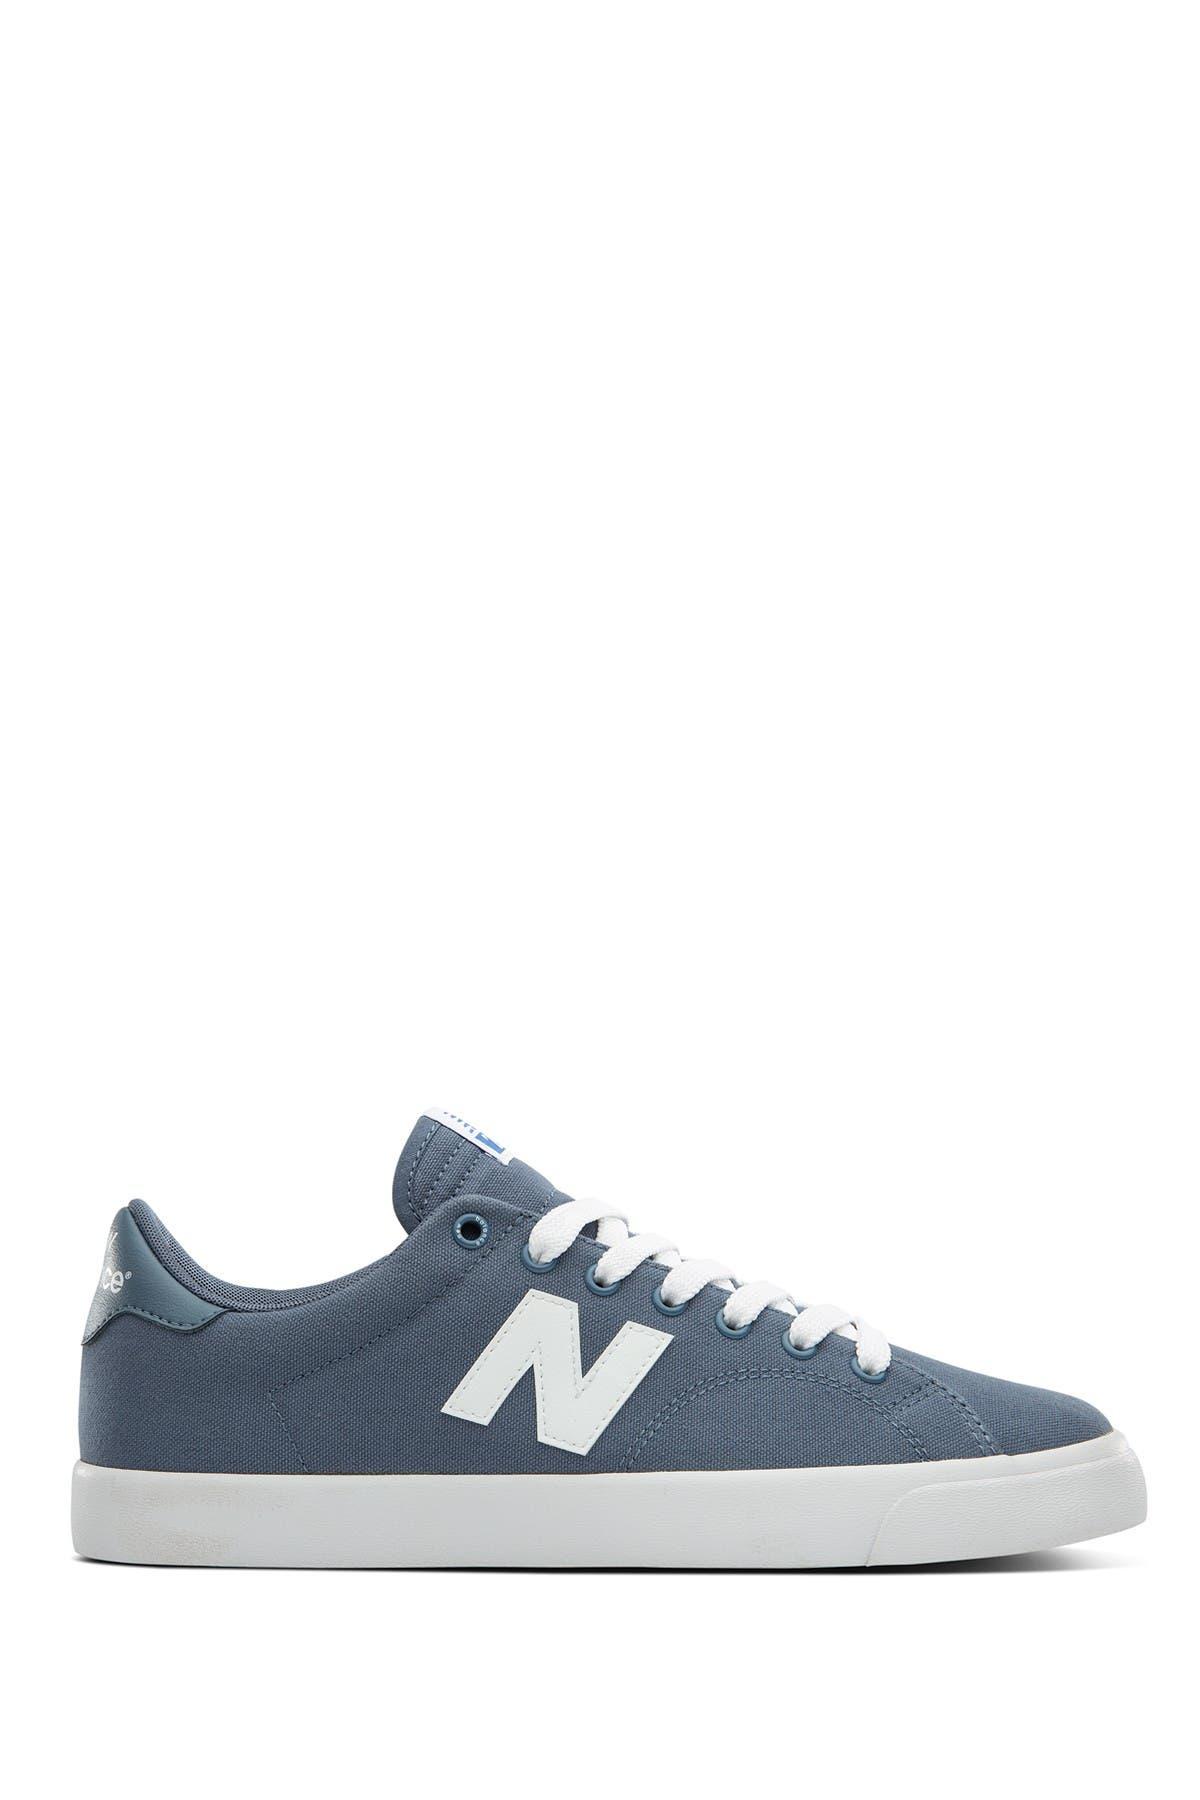 Image of New Balance AM210 Skate Shoe